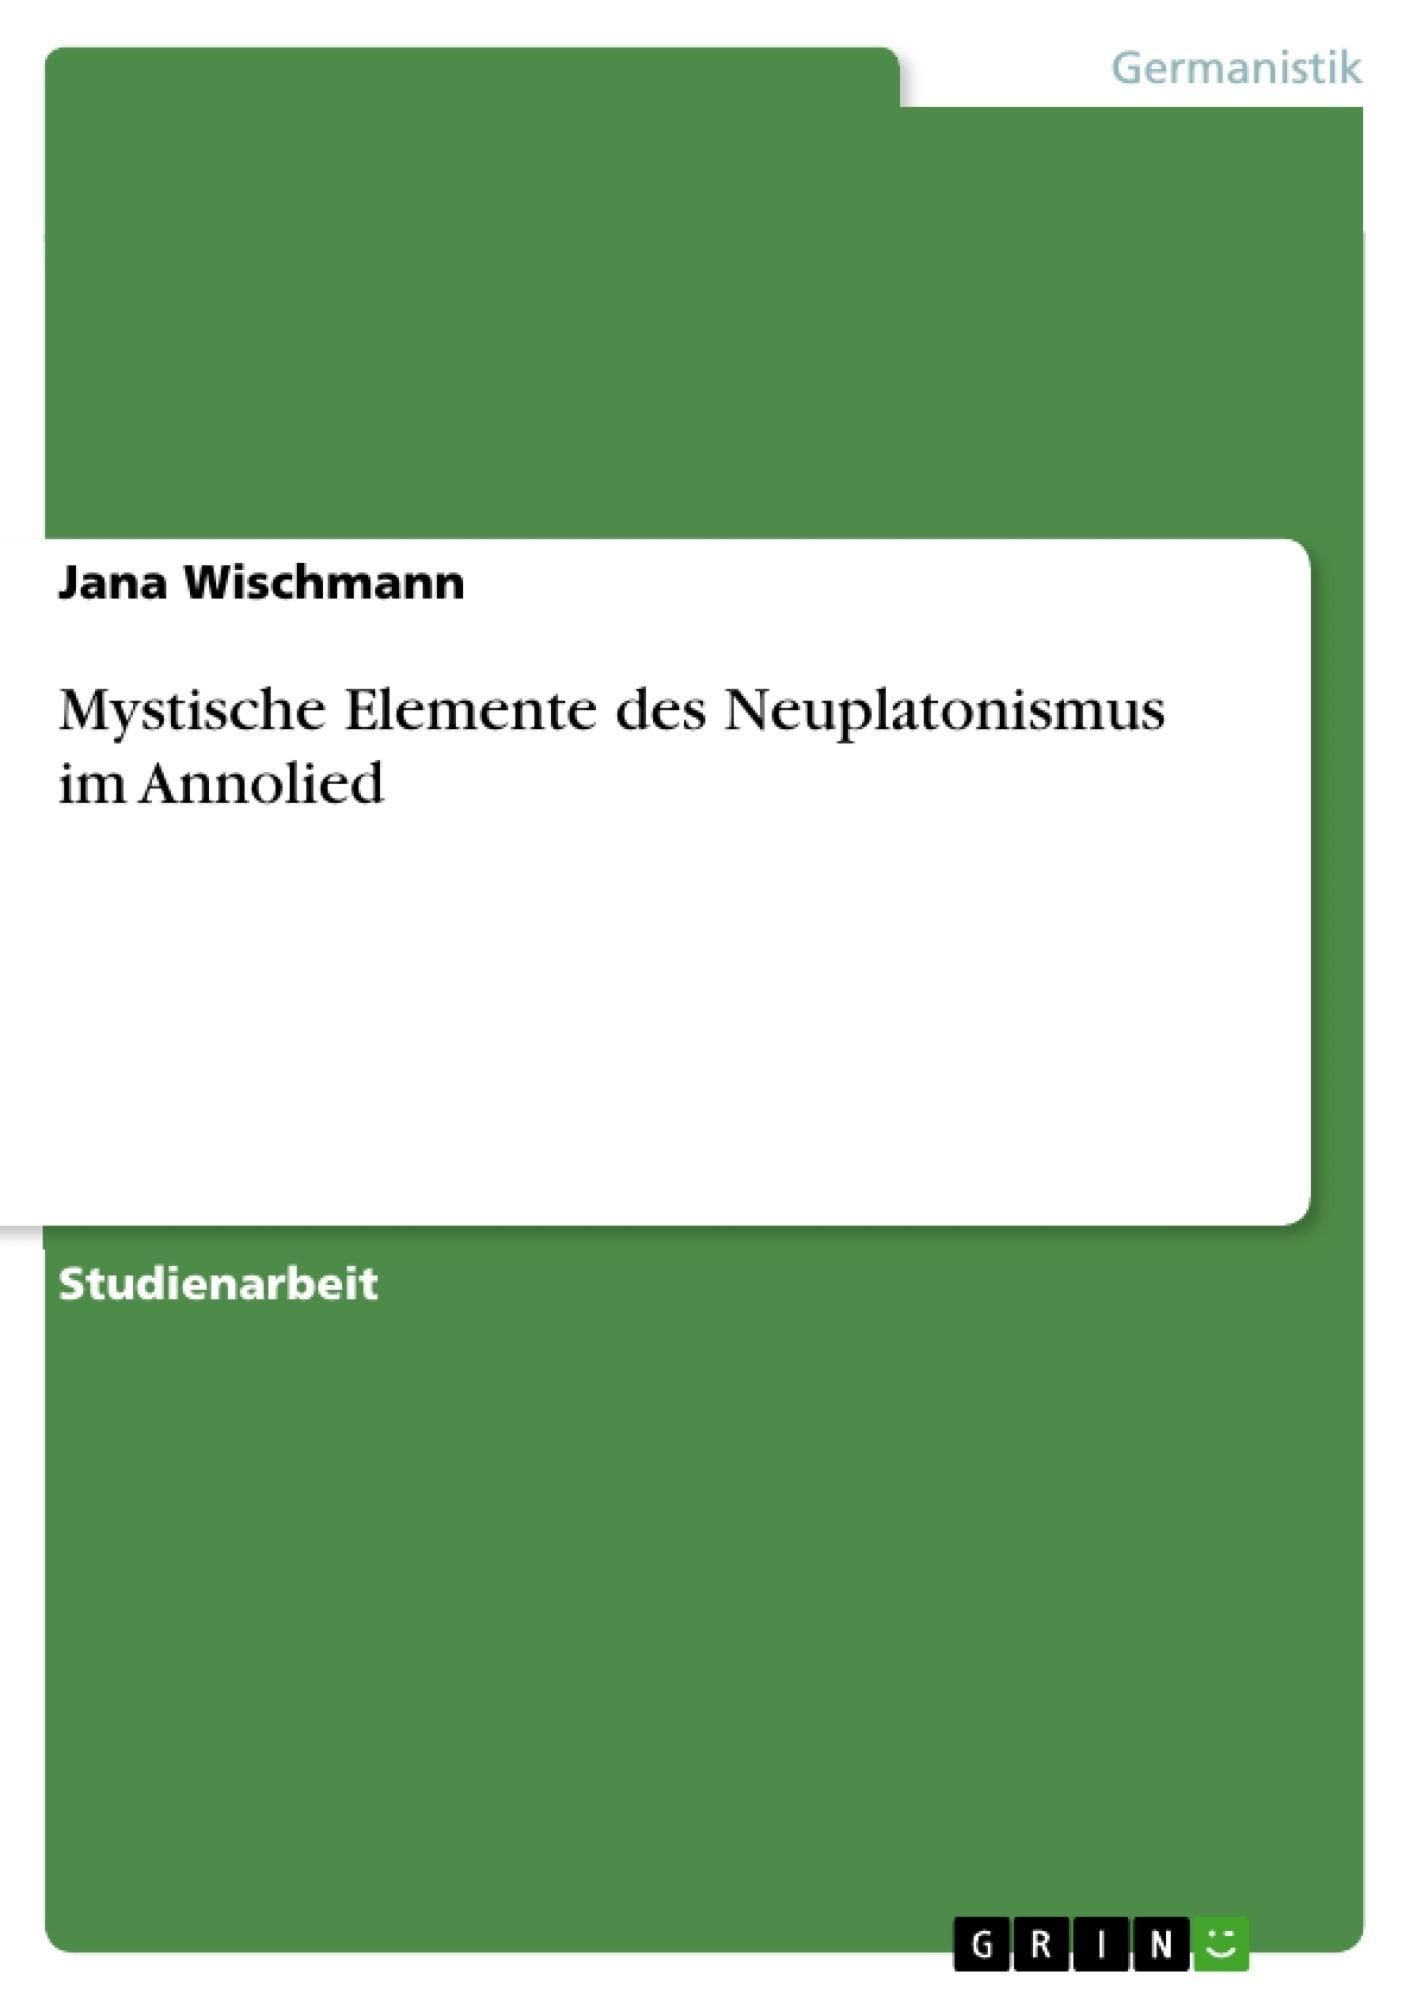 Titel: Mystische Elemente des Neuplatonismus im Annolied